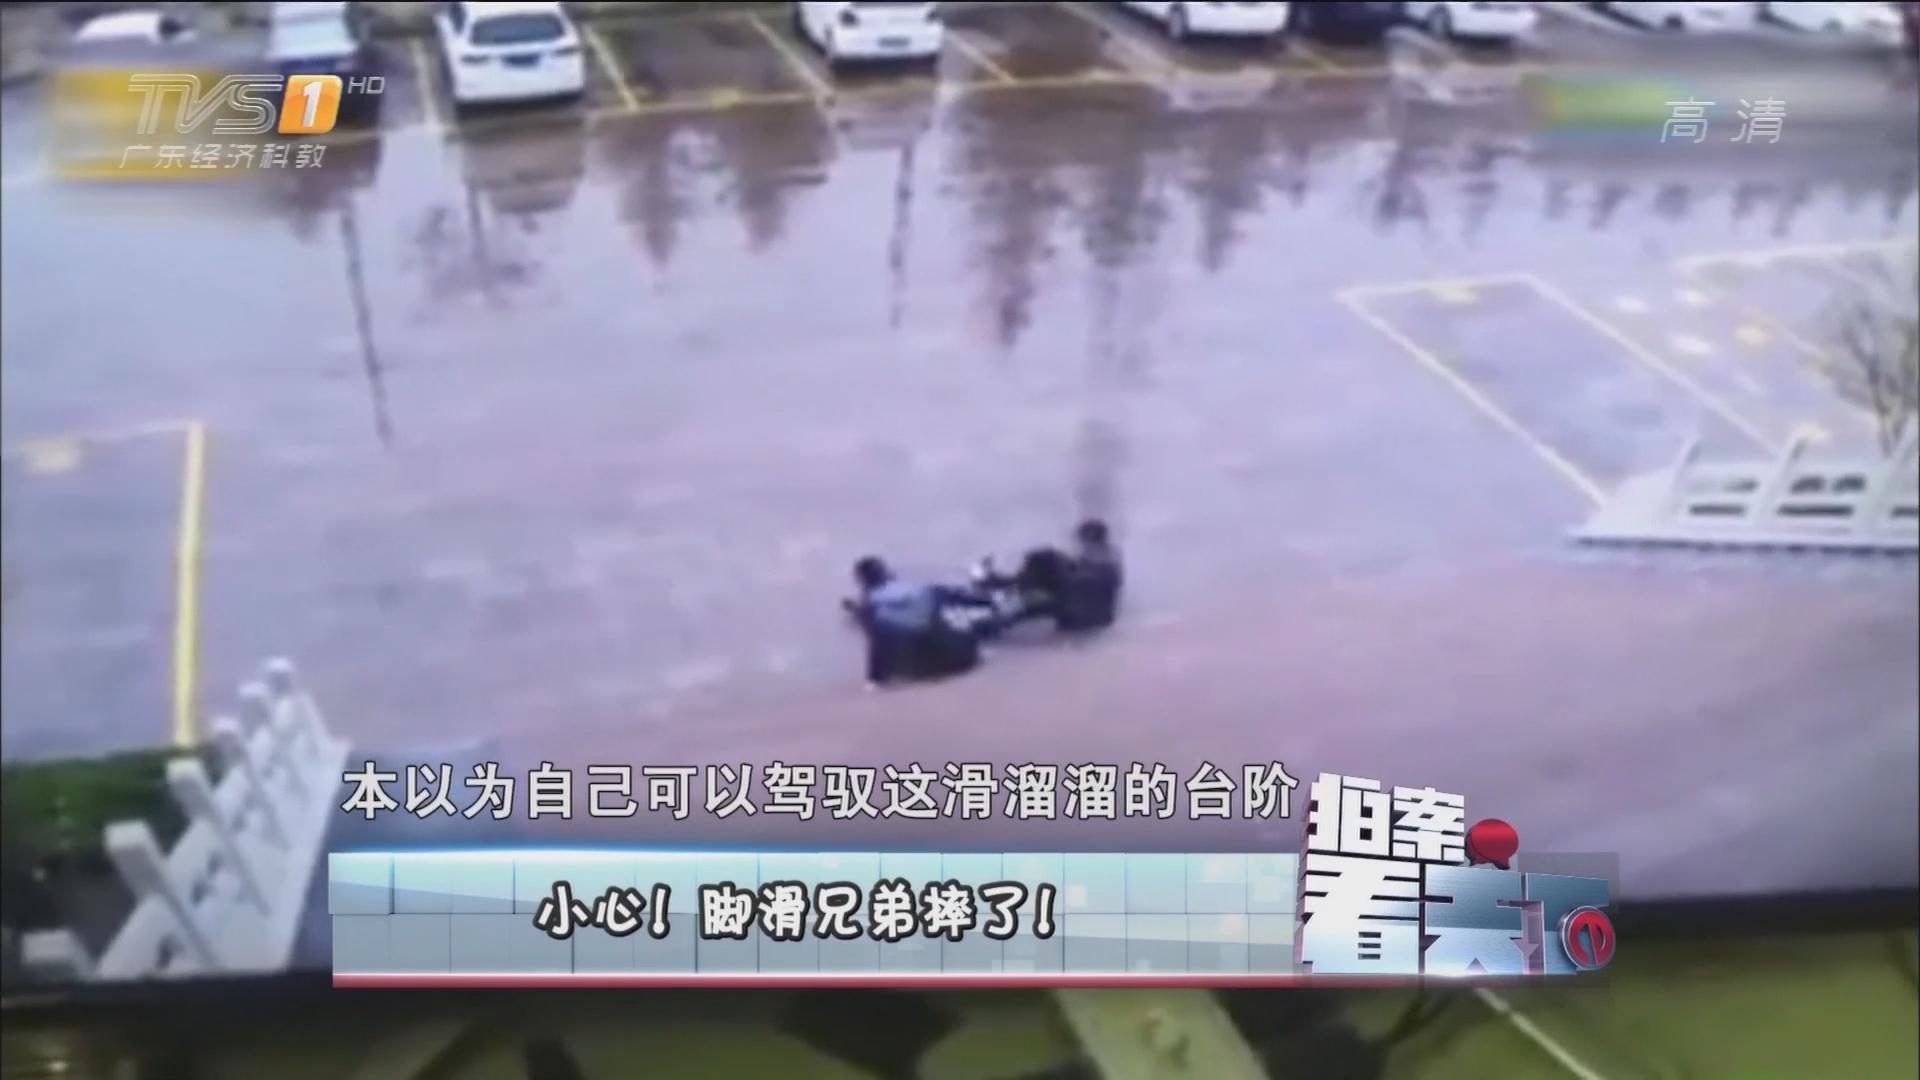 小心!脚滑兄弟摔了!